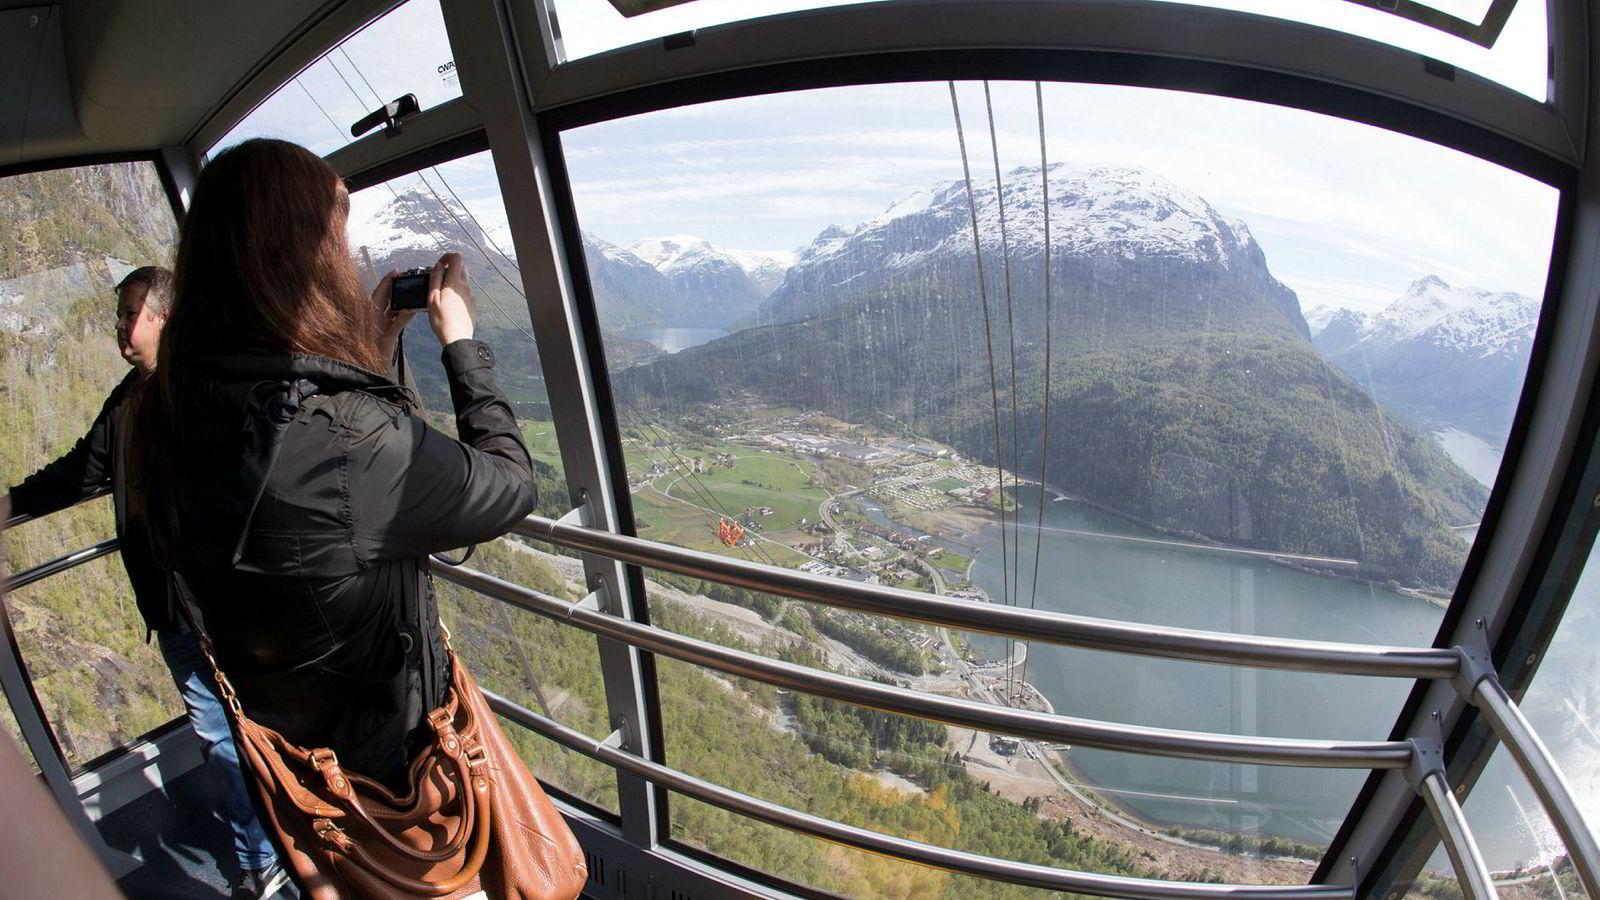 Loen skylift er blitt en populær turistattraksjon. Spektakulær utsikt, høykvalitetsservering og en eksepsjonell opp- og nedfart vitner om den type opplevelser som turistene nå etterspør, skriver artikkelforfatteren.